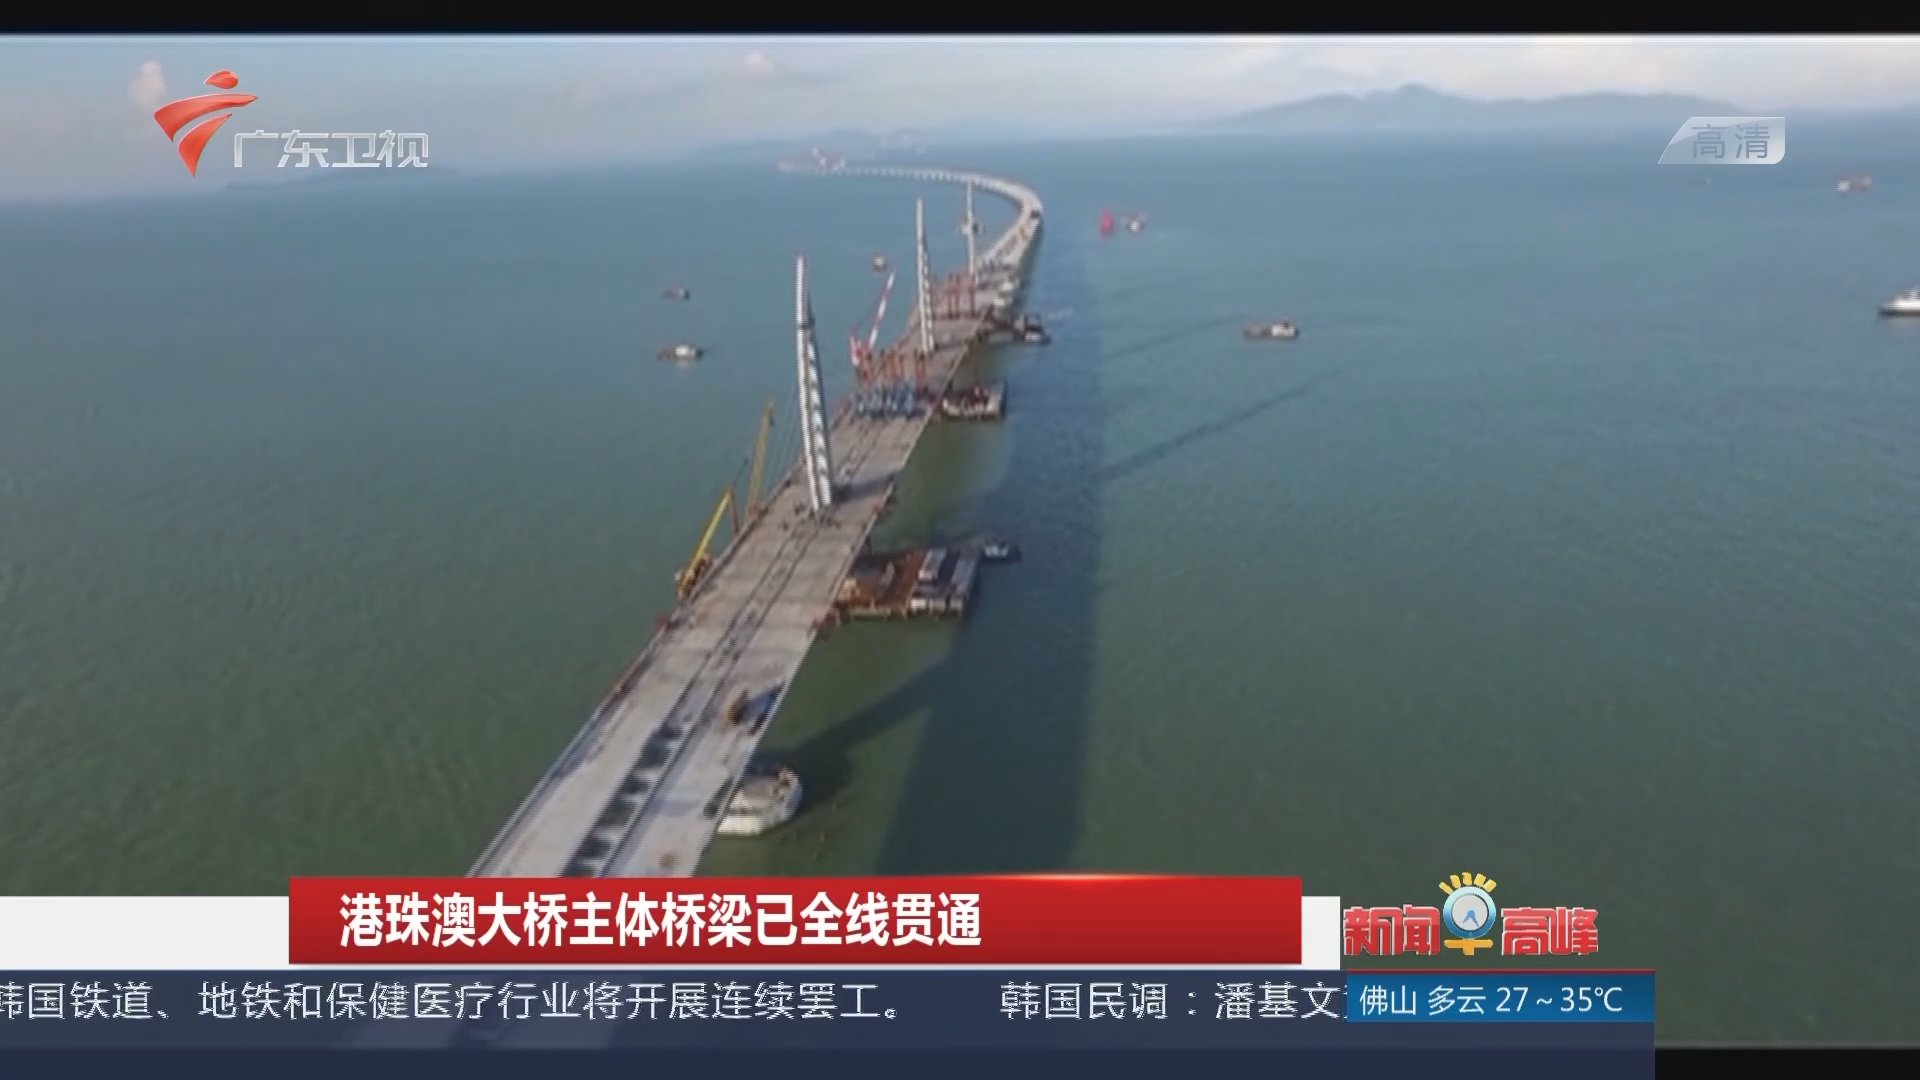 港珠澳大桥主体桥梁已全线贯通